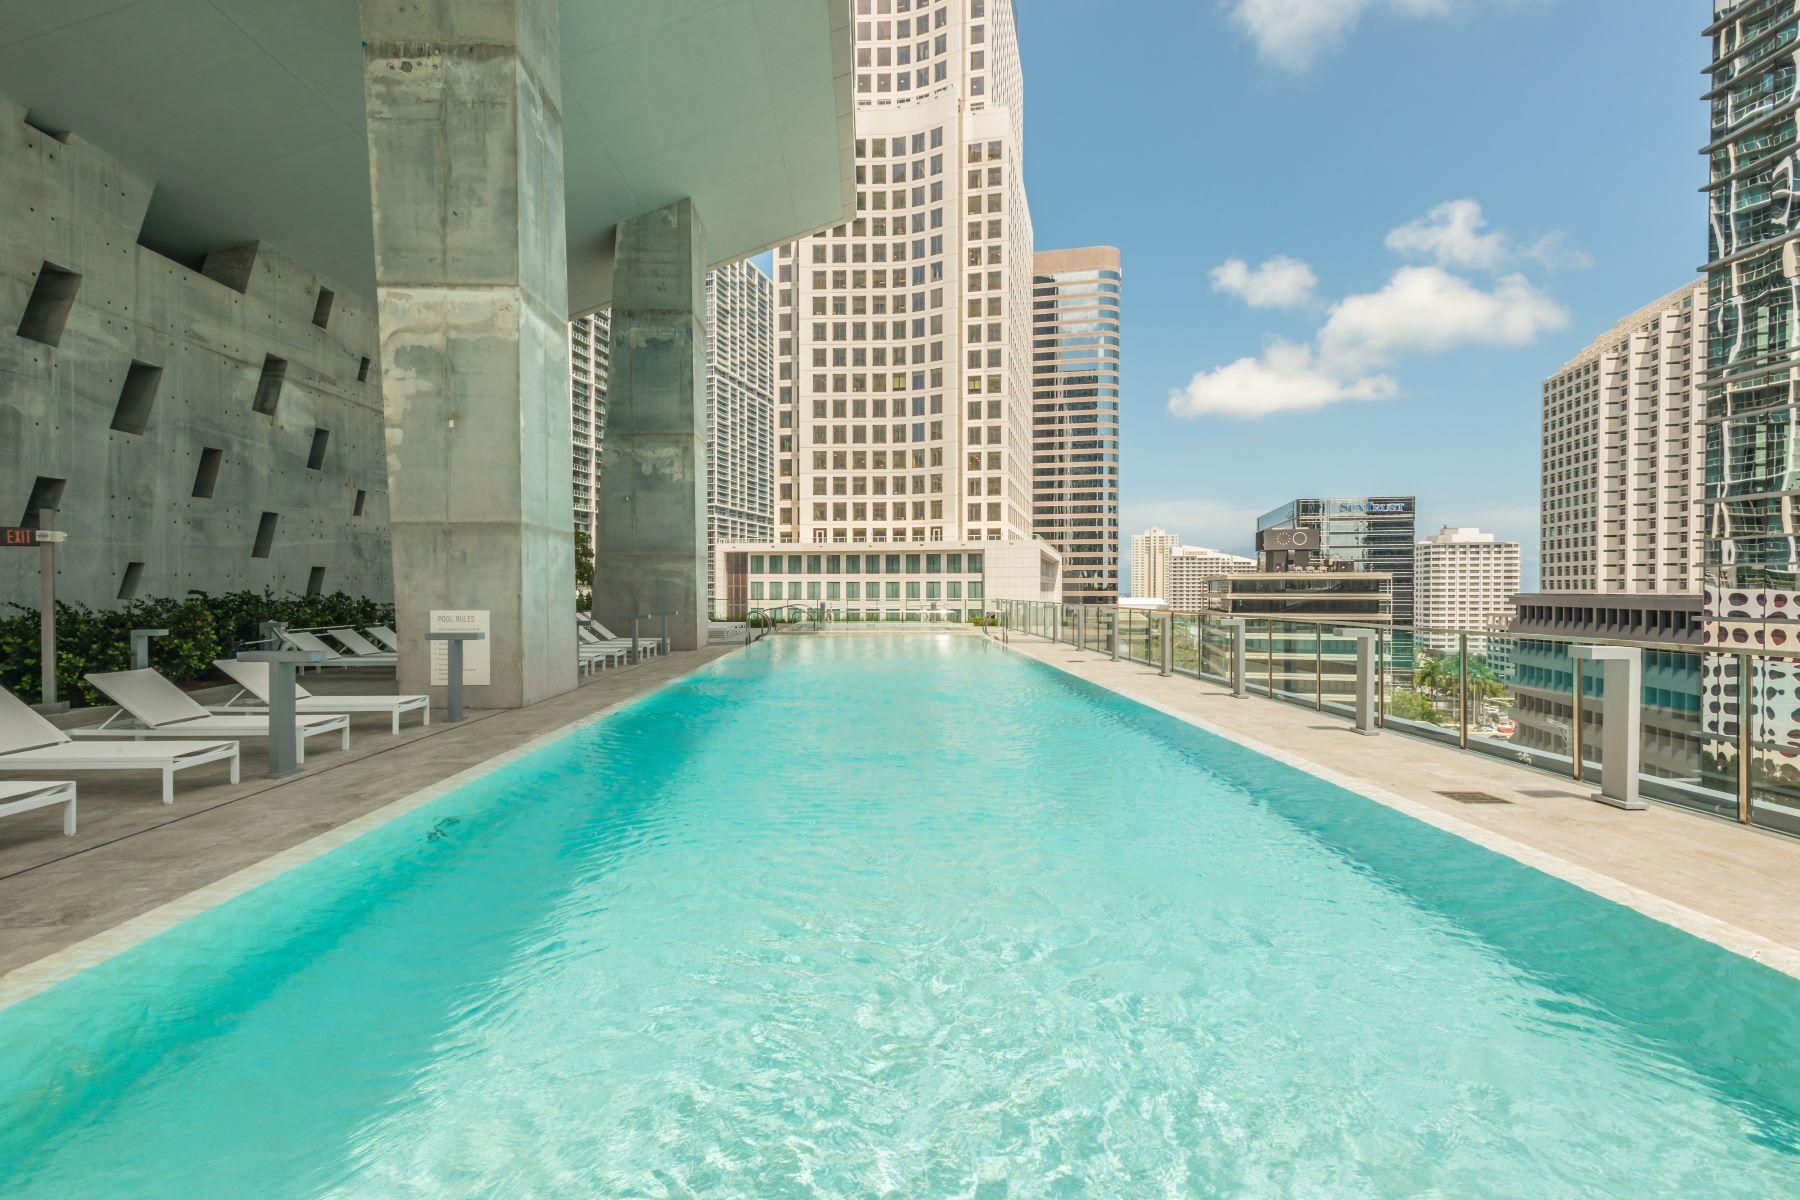 Propiedad en alquiler Miami